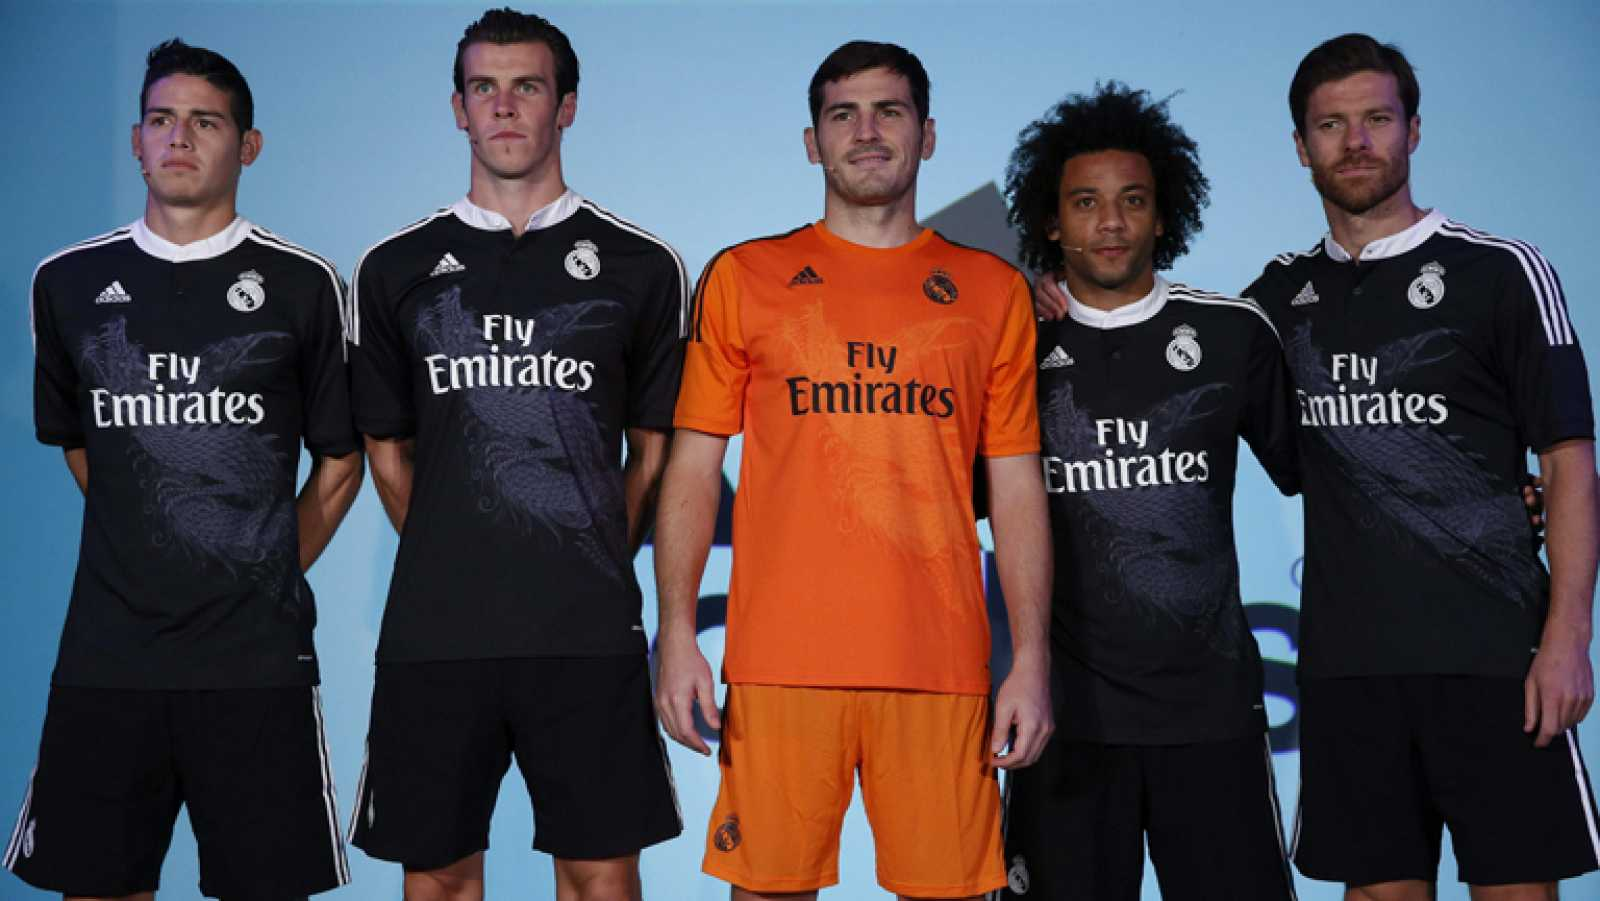 020fb7ccc Para todos los públicos El Real Madrid ha presentado su segunda equipación  para la Champions League.